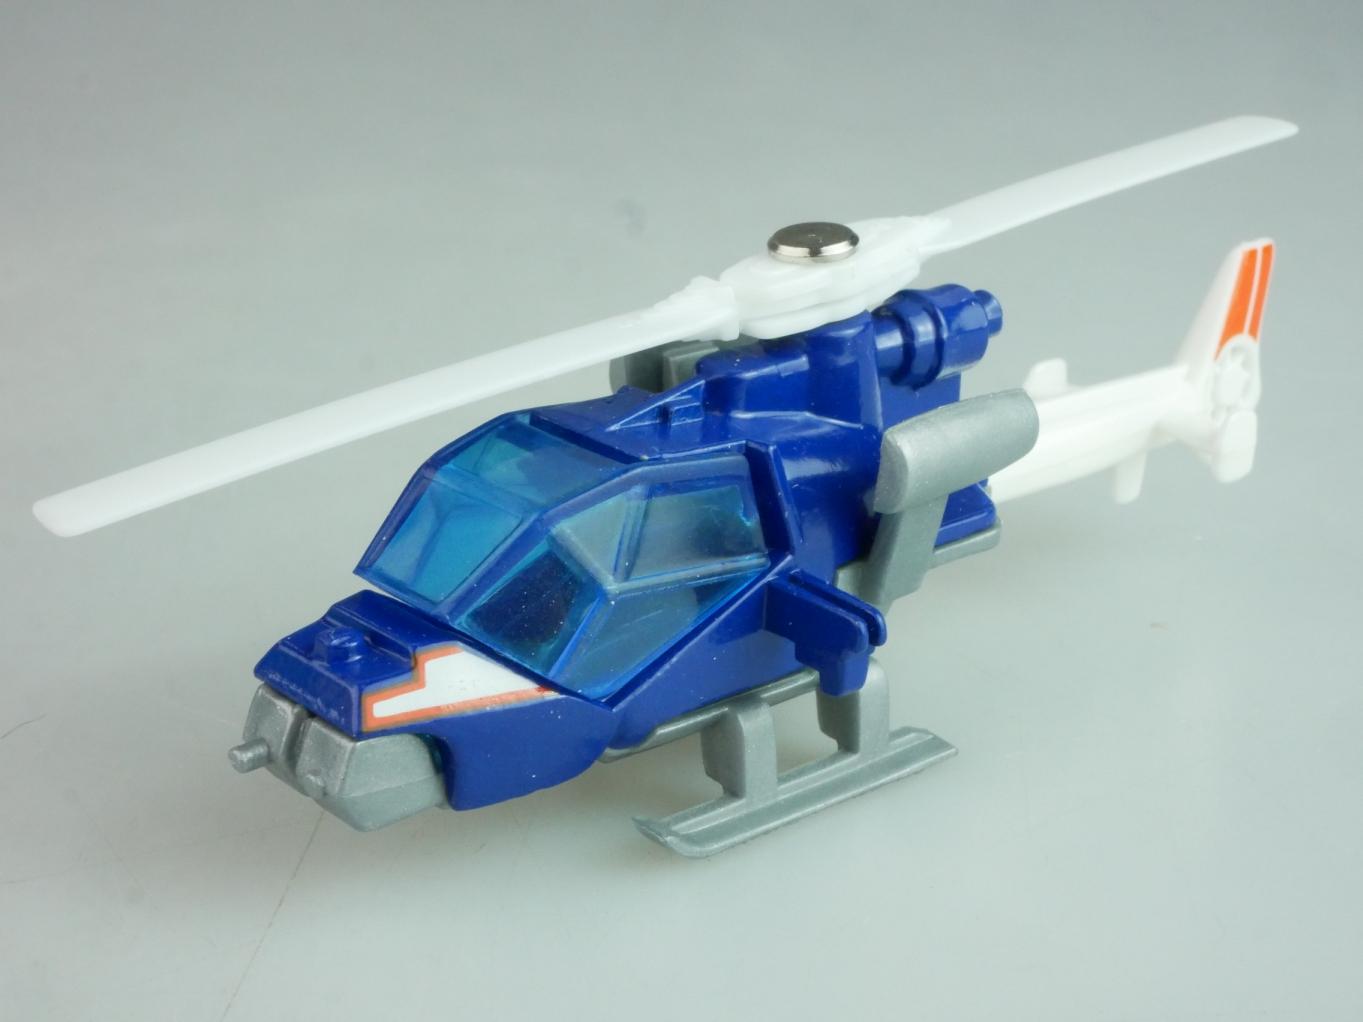 1987 Corvette (14-G/28-G) - 60892